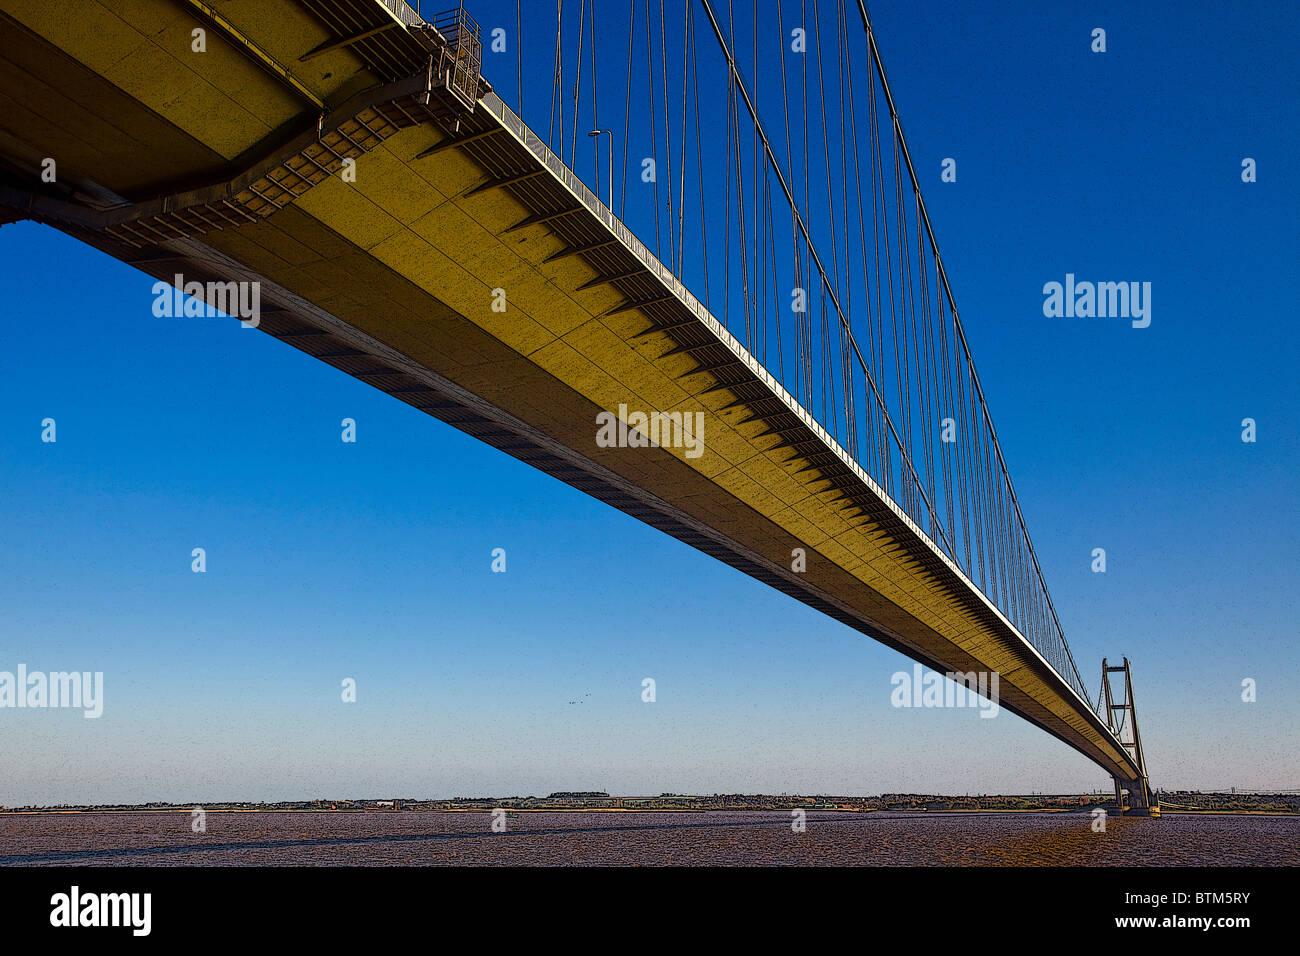 Modifié numériquement photographie de Humber Bridge, se joindre à l'East Yorkshire, Angleterre Photo Stock